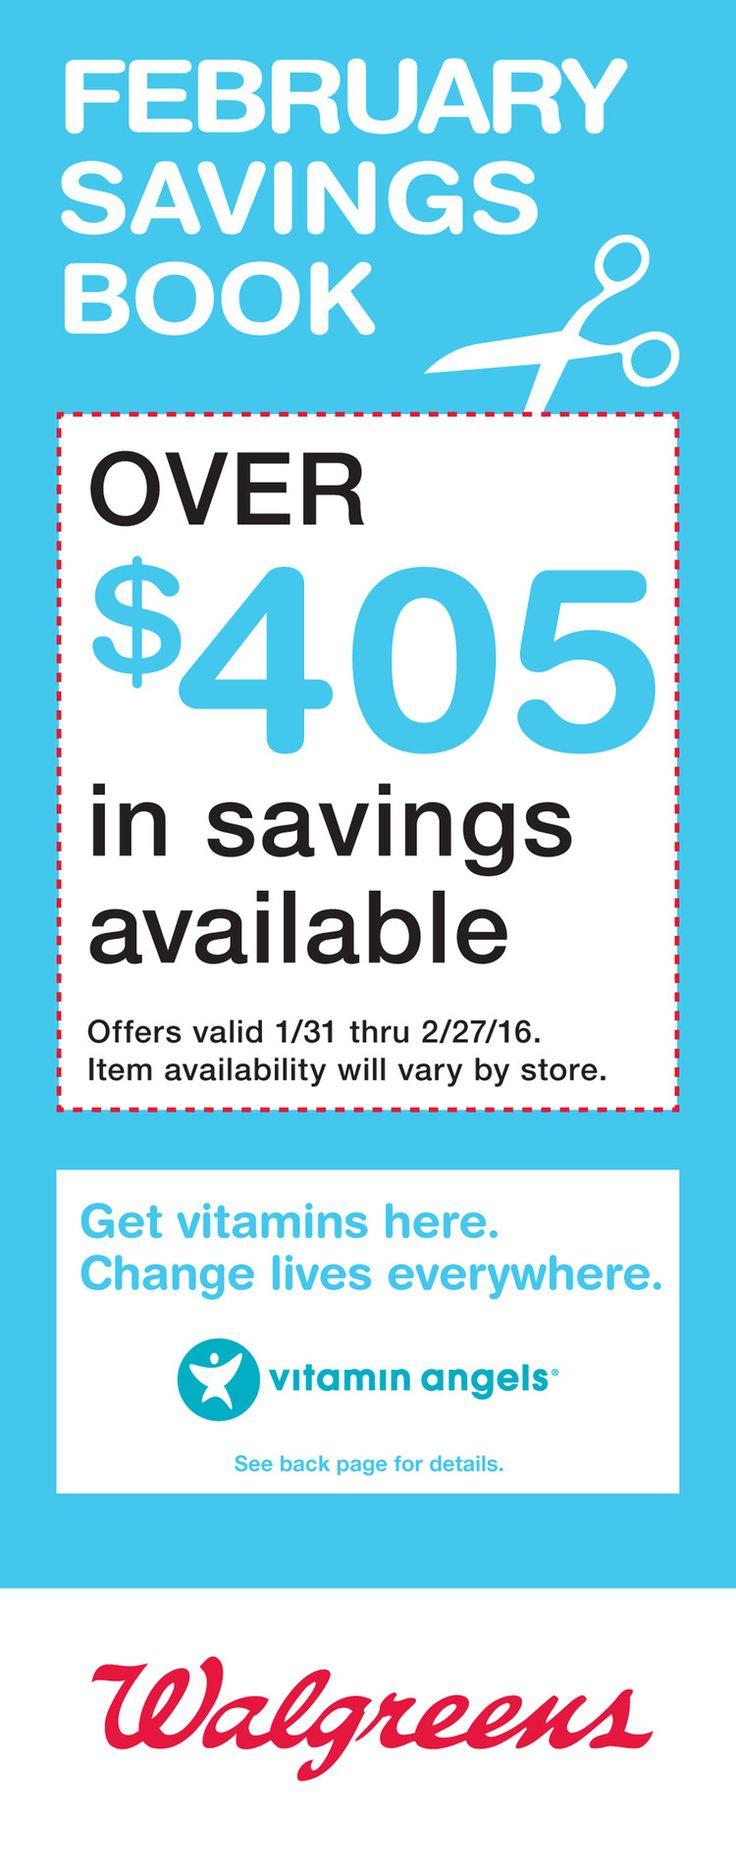 Walgreens Savings Book January 31 - February 27, 2016 - http://www.kaitalog.com/walgreens-savings-book.html